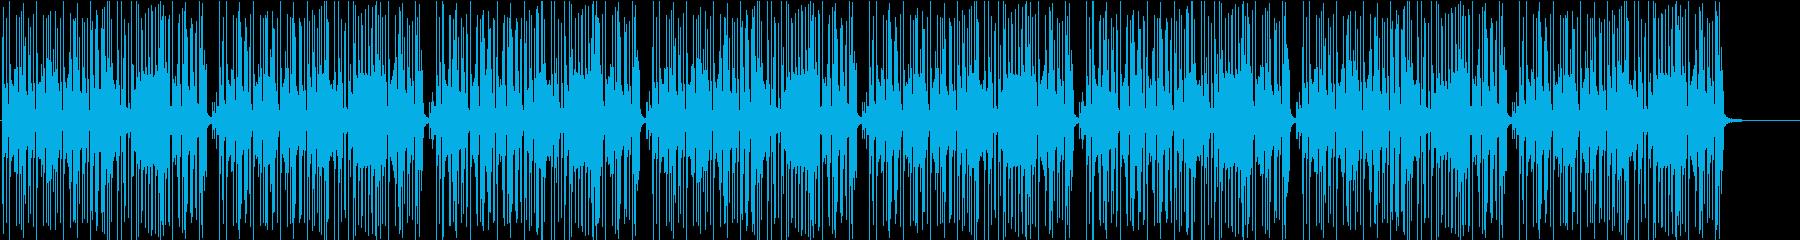 日常コメディーBGM〜ワウベース編〜の再生済みの波形